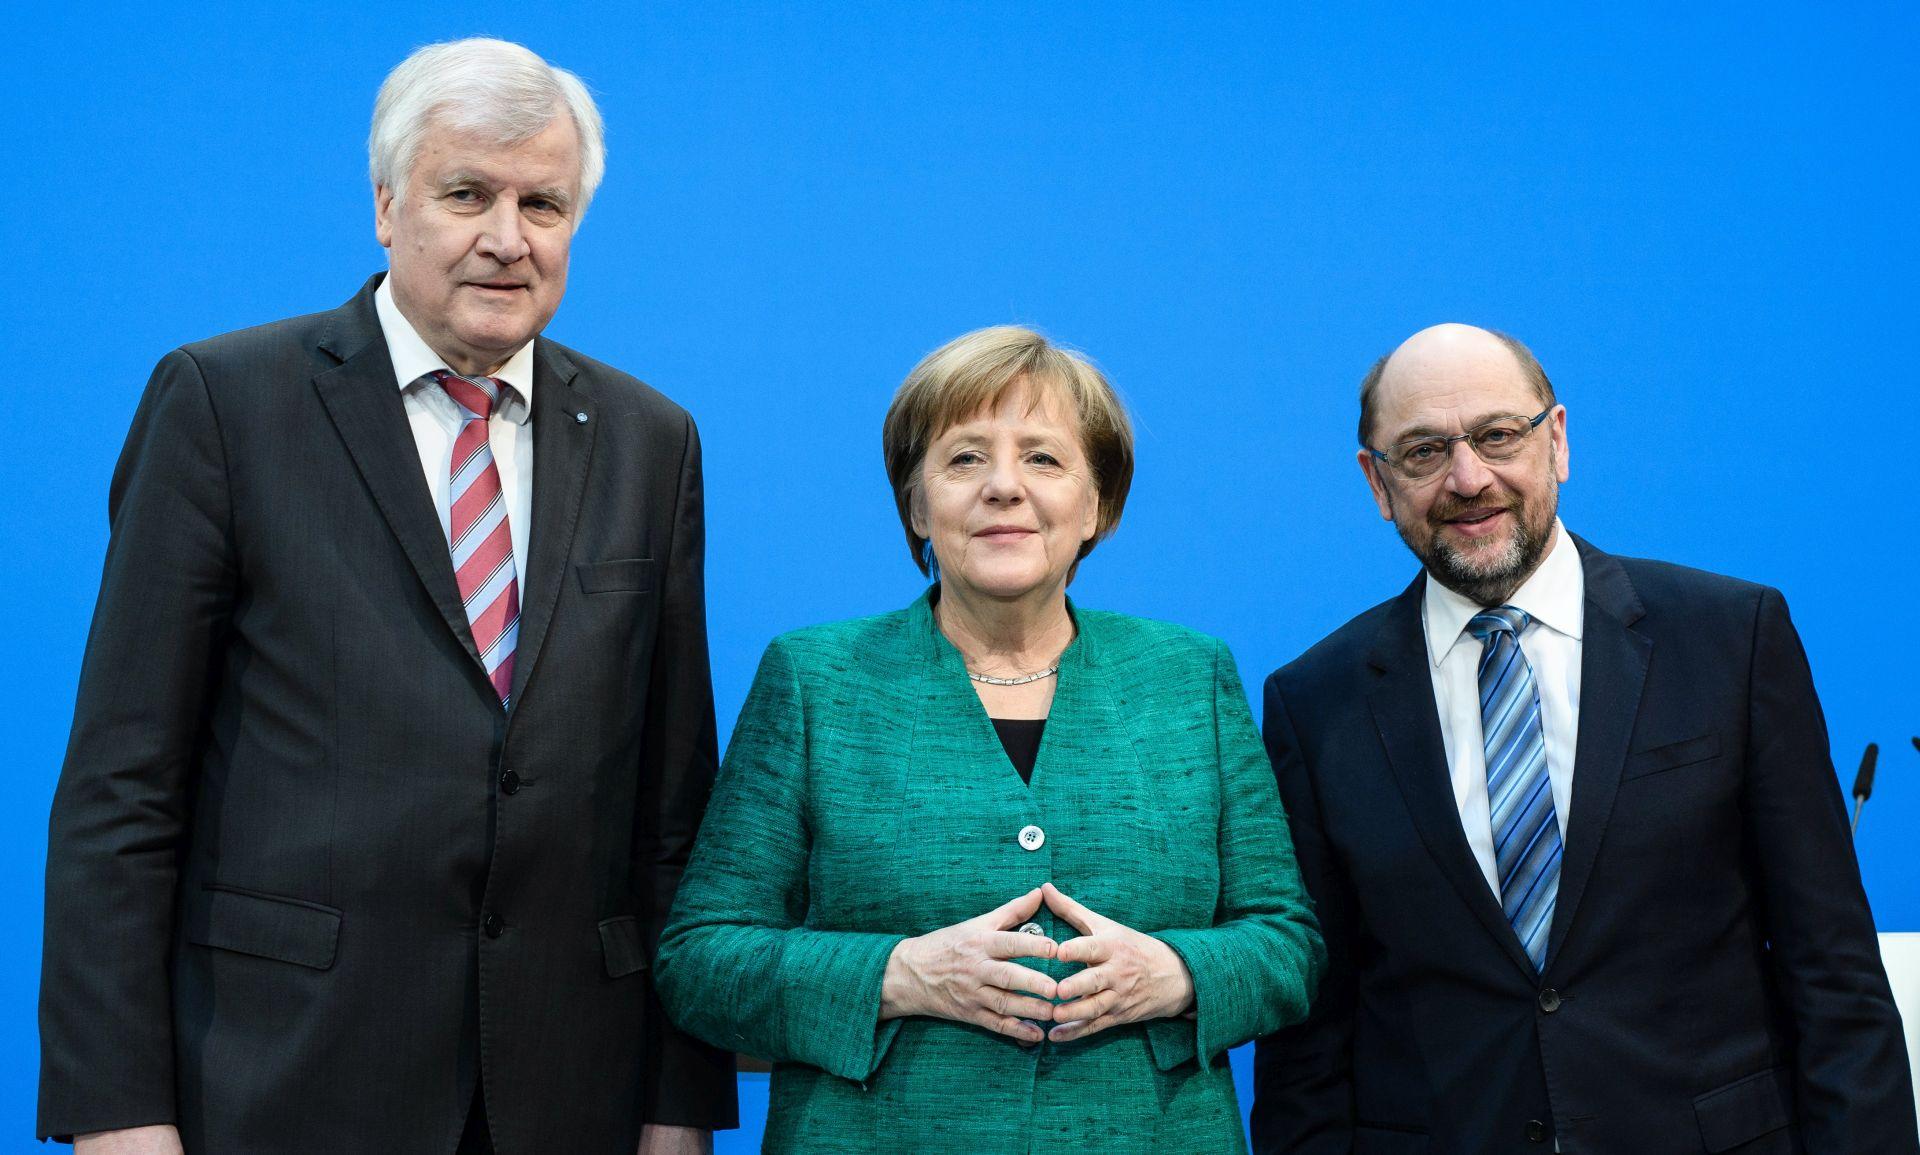 NJEMAČKA Čelnici zadovoljni koalicijskim ugovorom